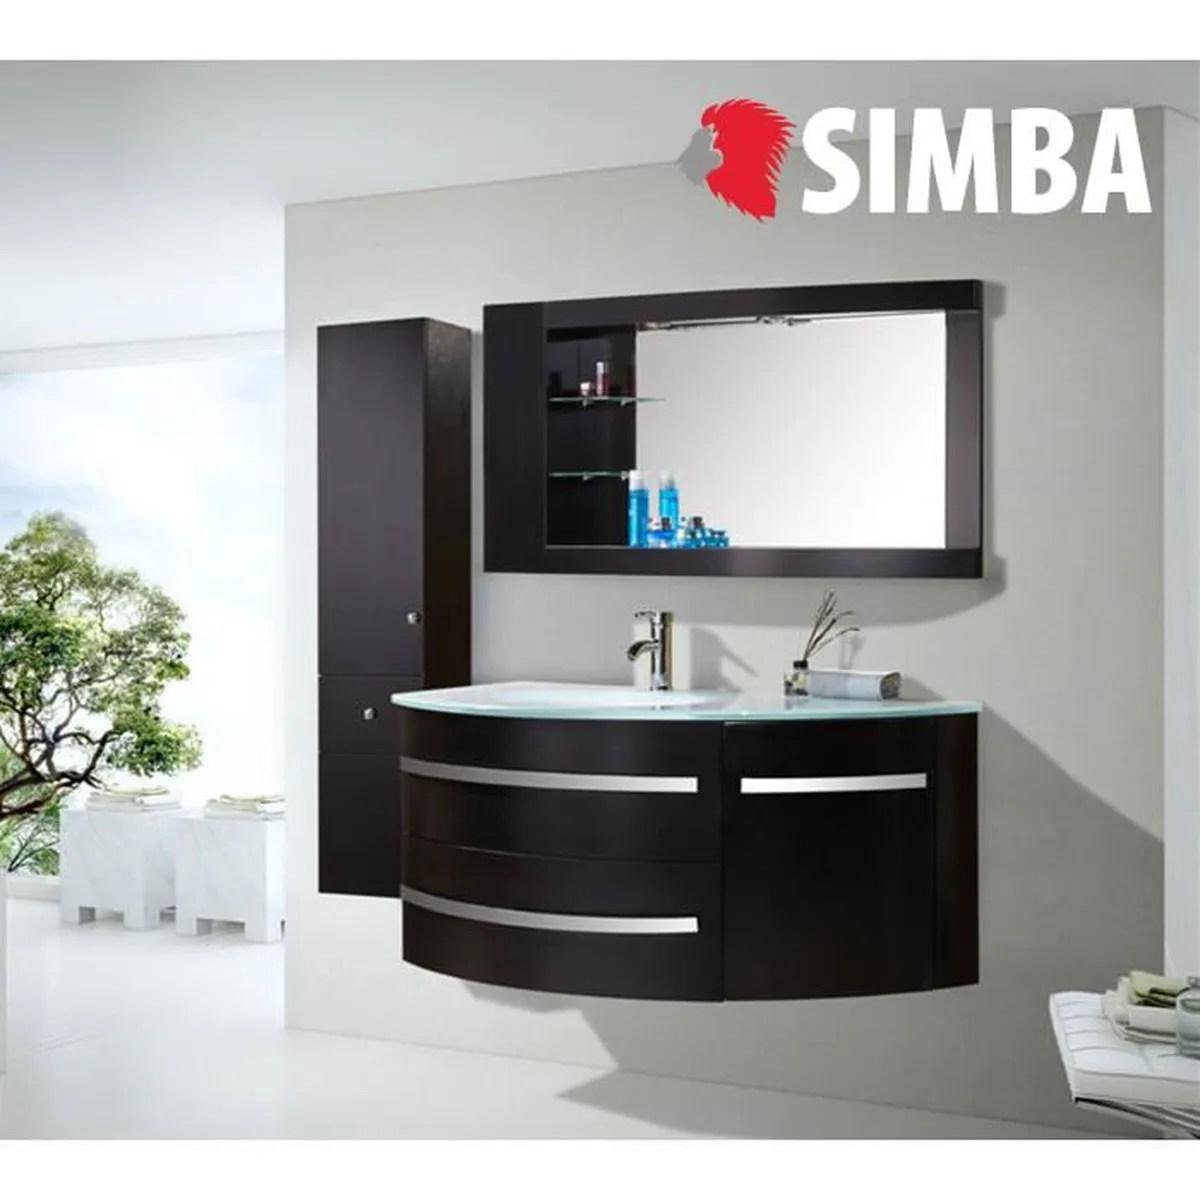 Meuble salle de bain avec vasque noir  Achat  Vente Meuble salle de bain avec vasque noir pas